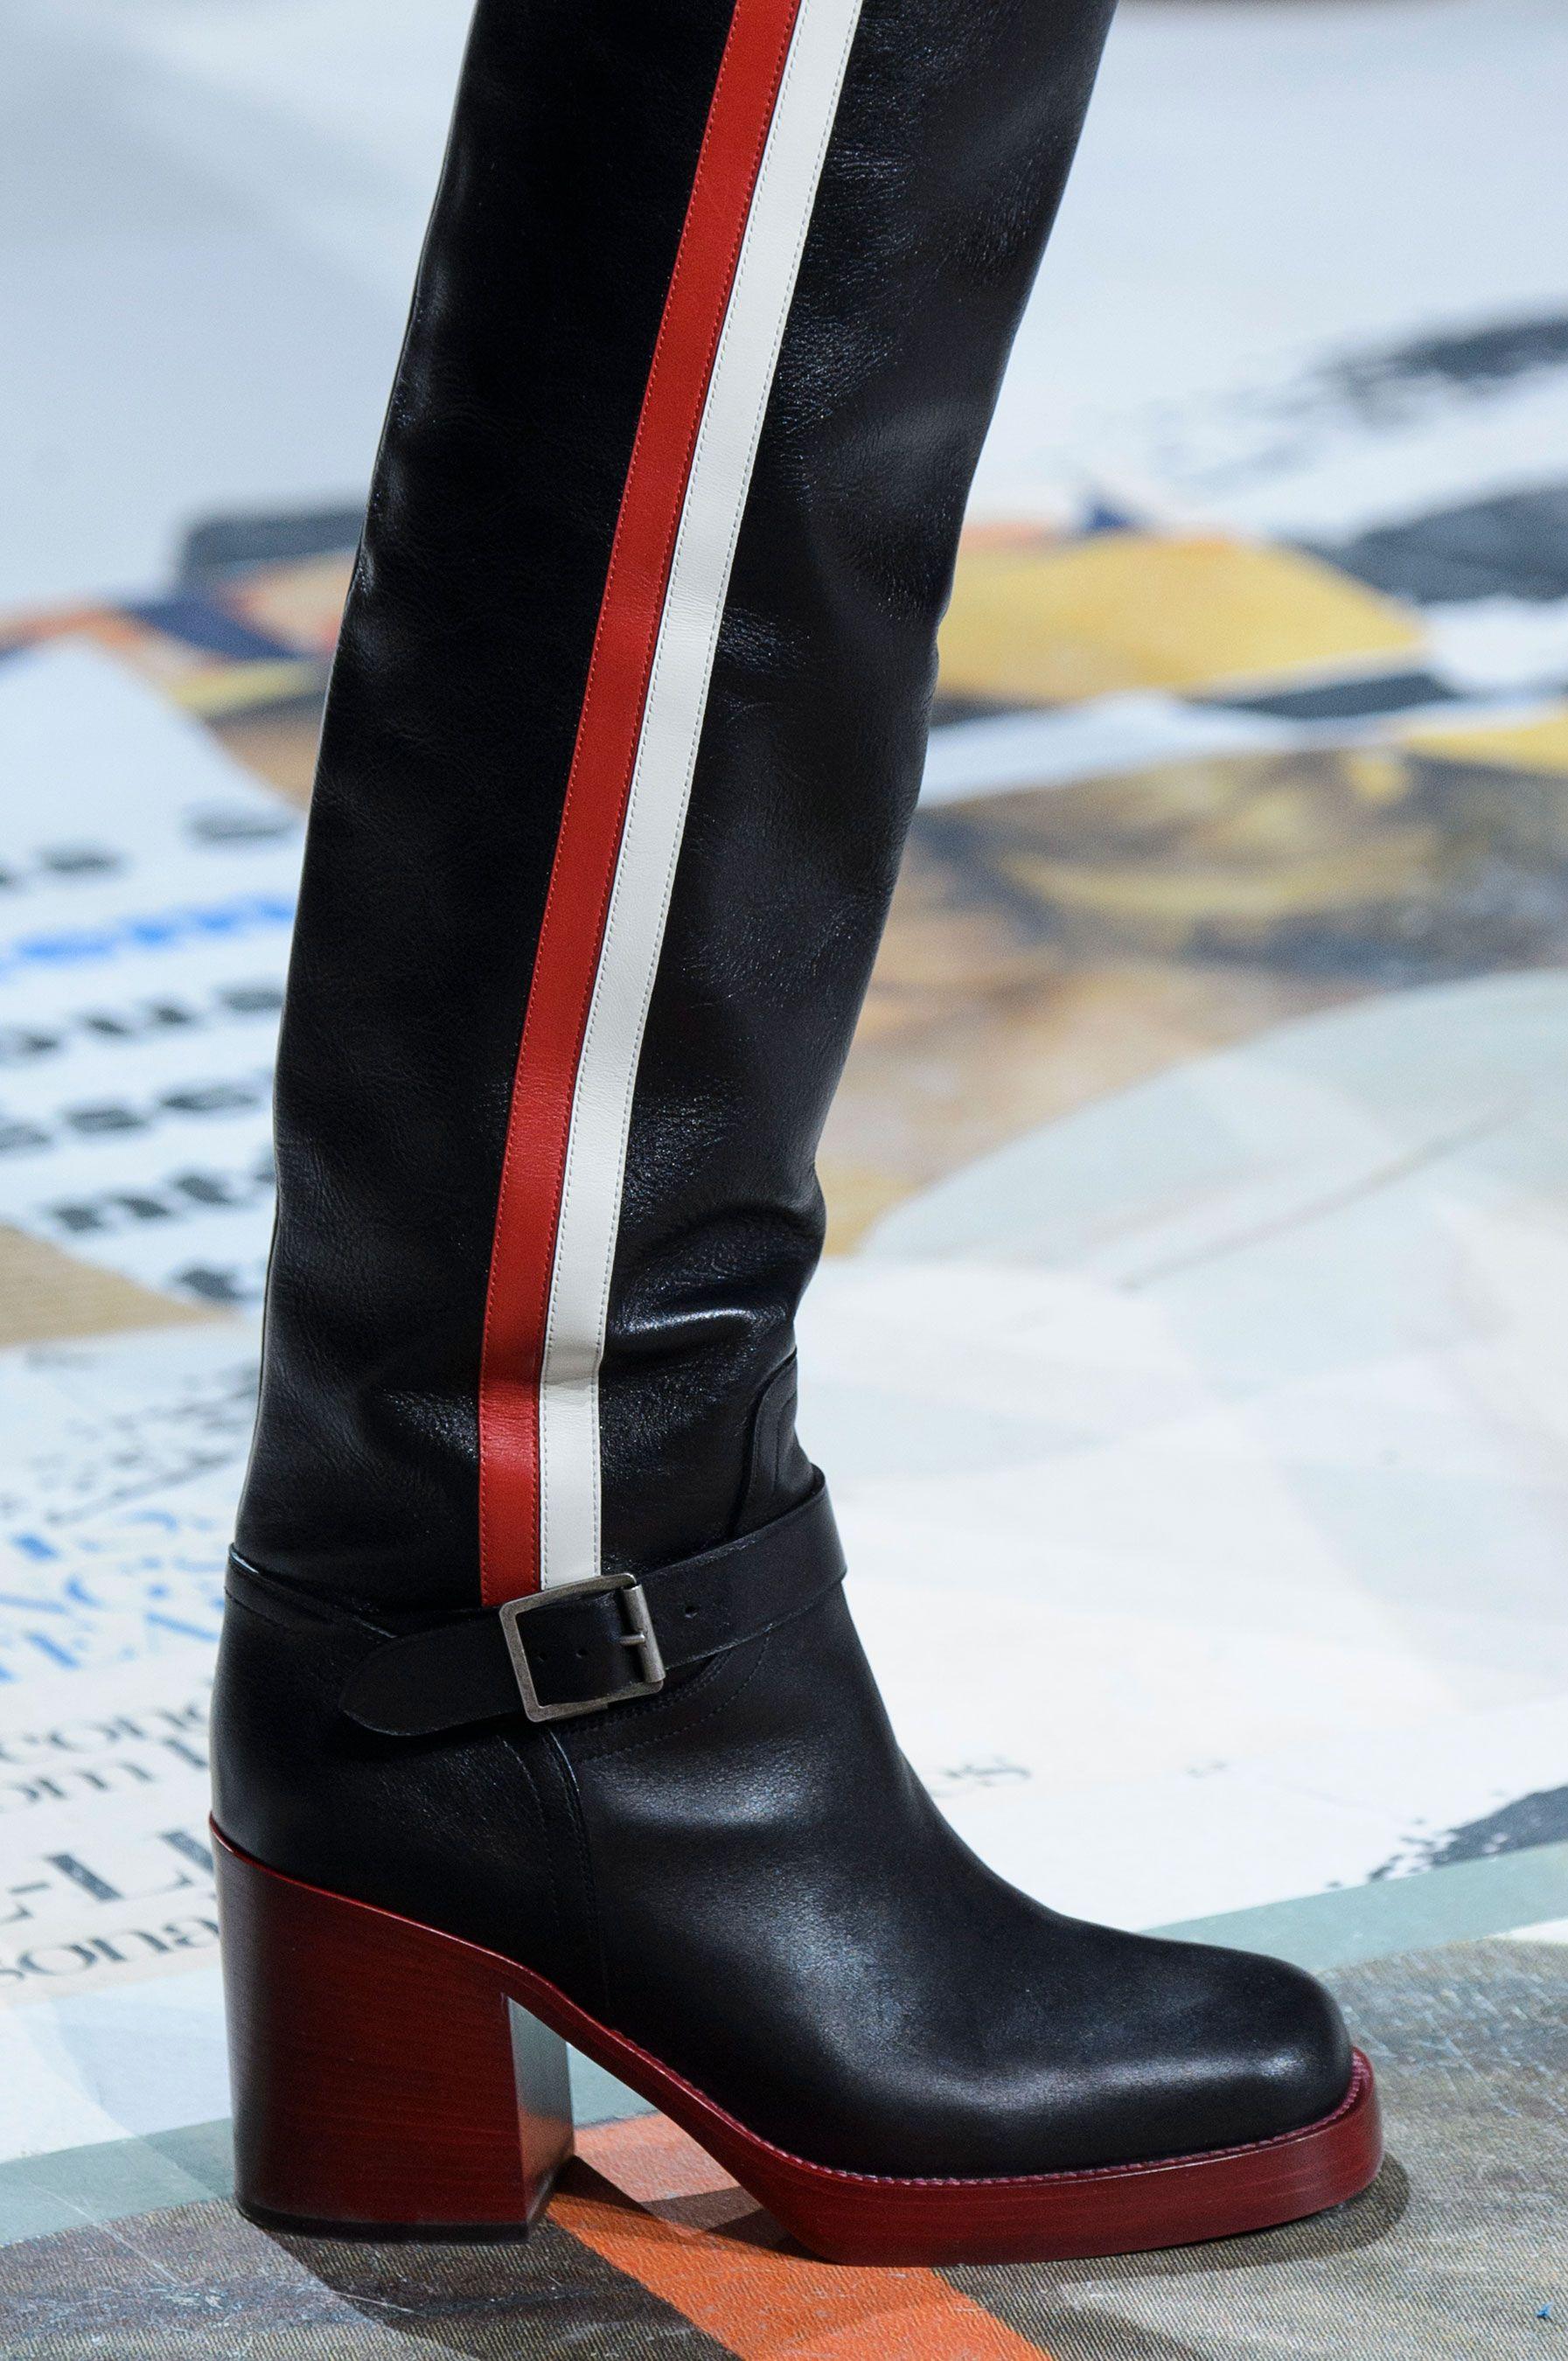 3fb638c61 Christian Dior Fall 2018 Fashion Show Details | eccentric shoes ...